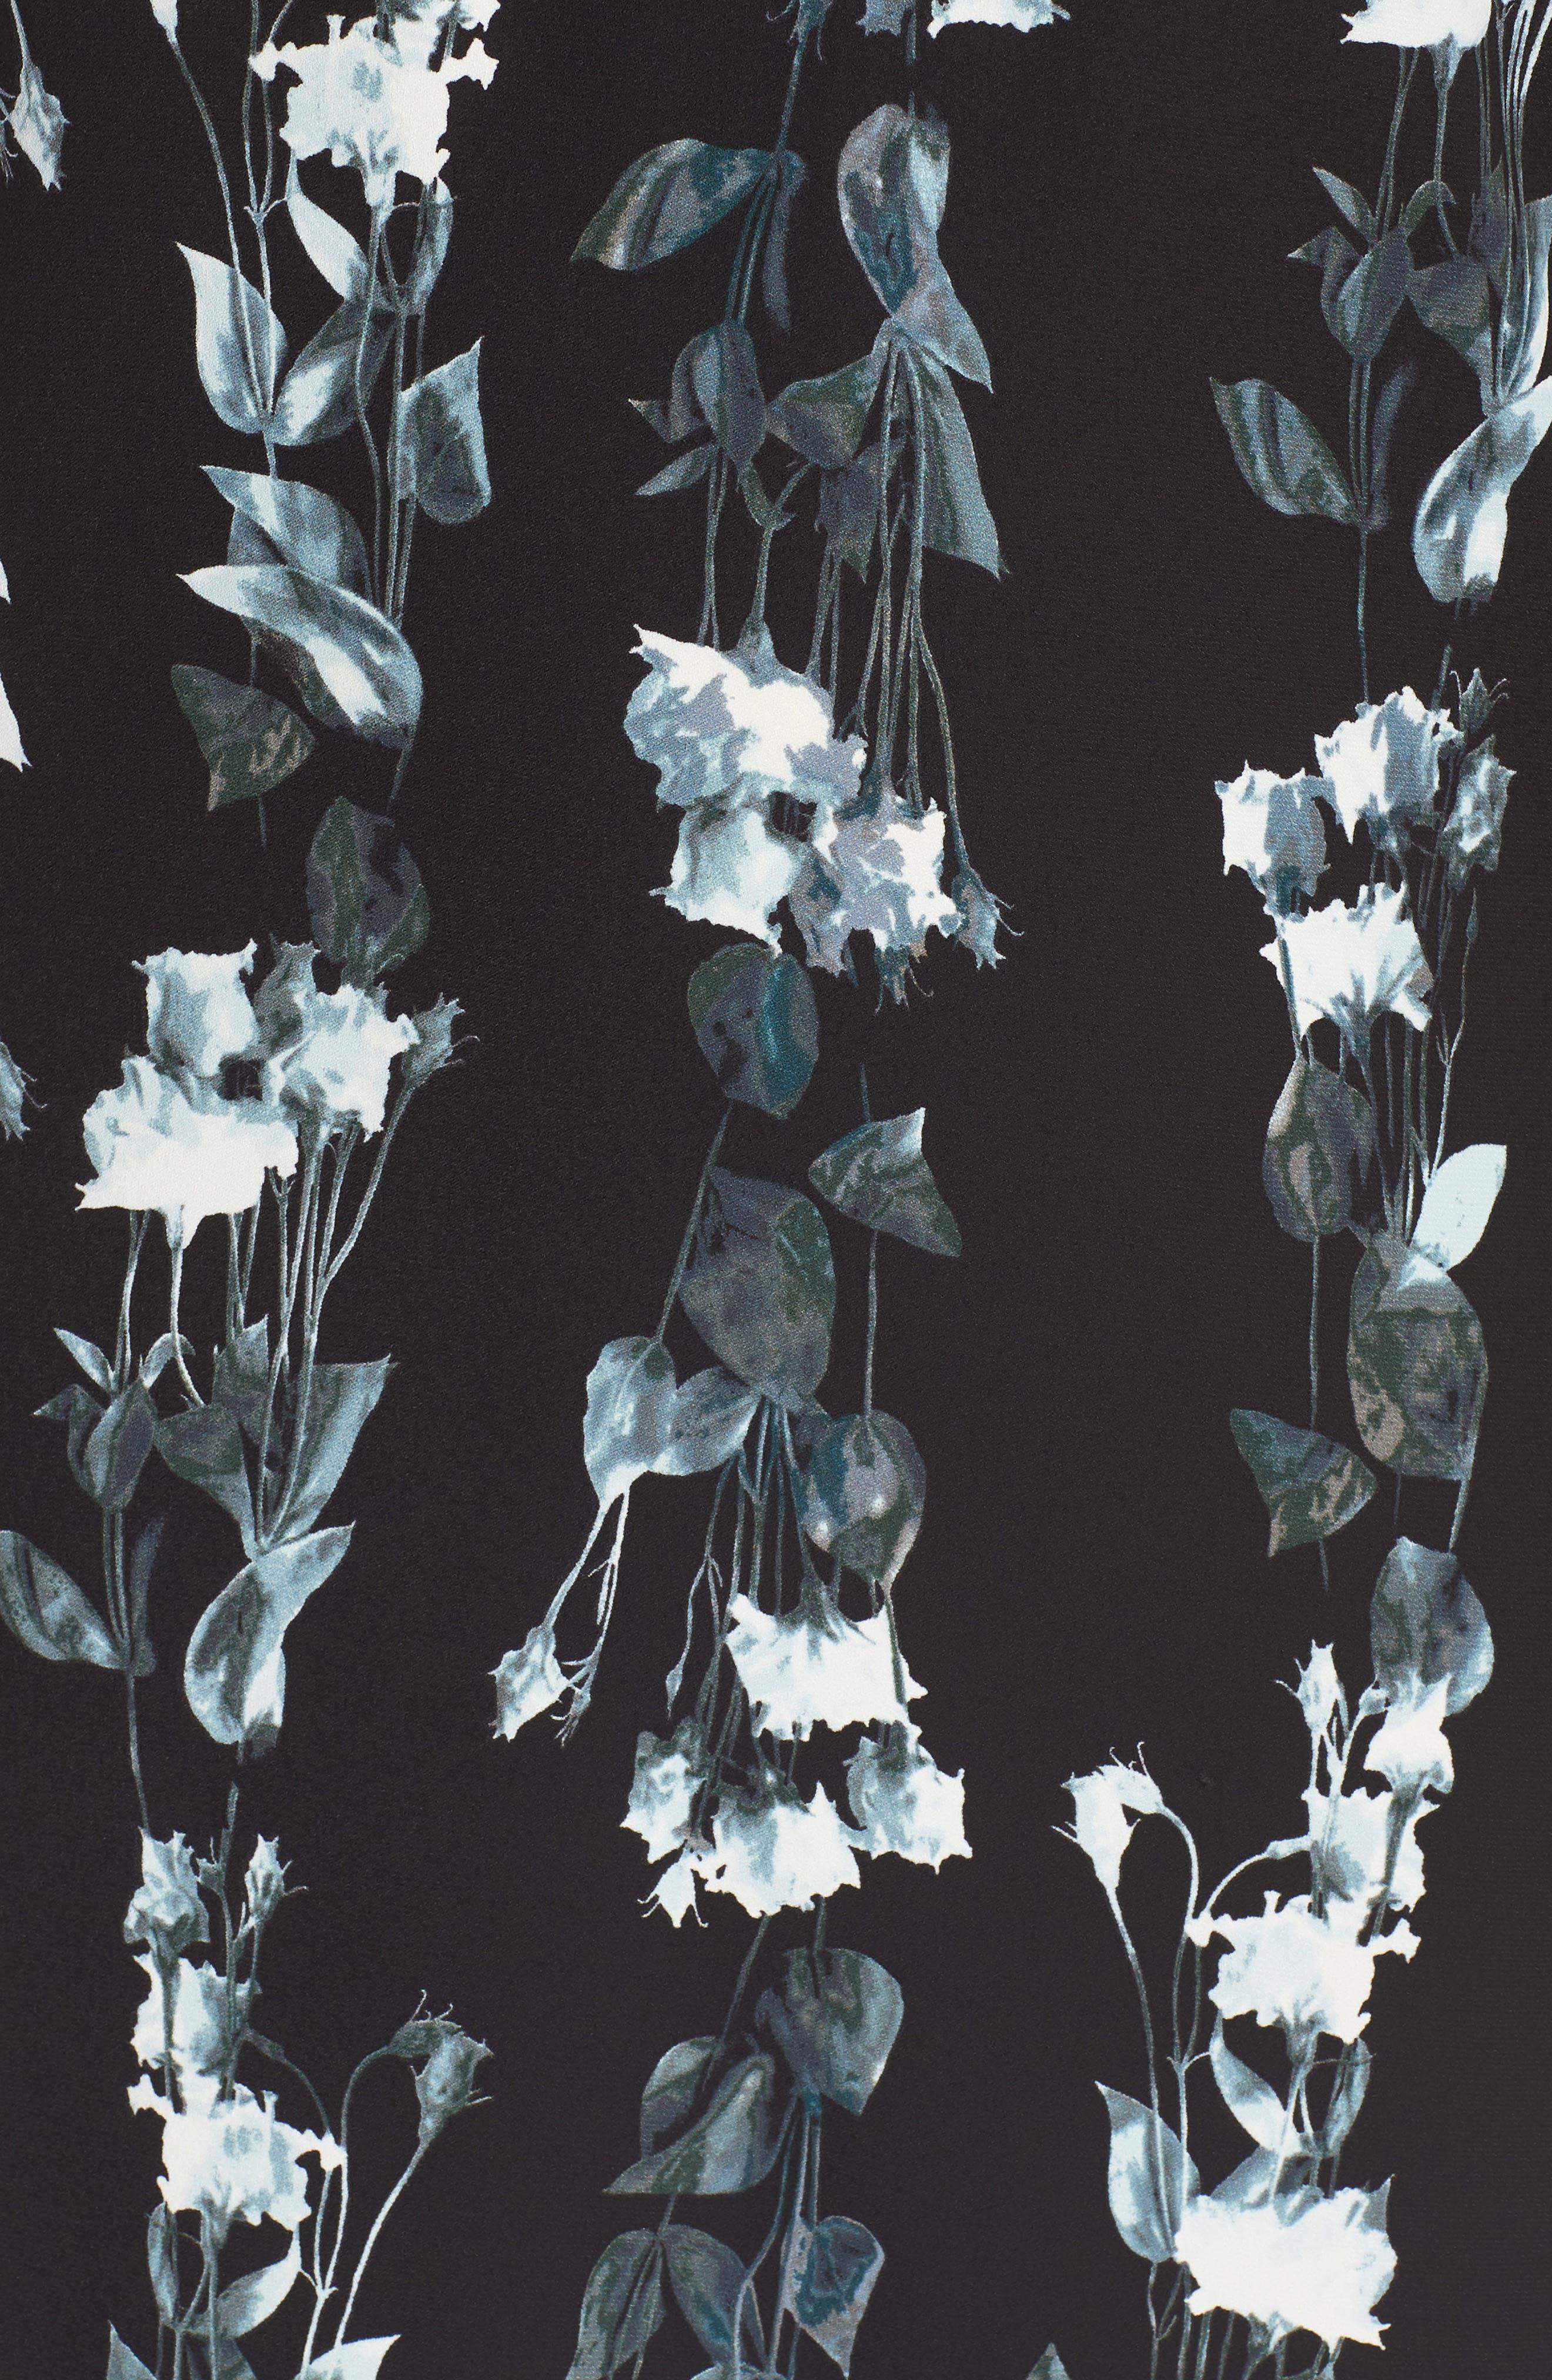 Flutter Sleeve Shift Dress,                             Alternate thumbnail 6, color,                             Black- Blue Vertical Florals